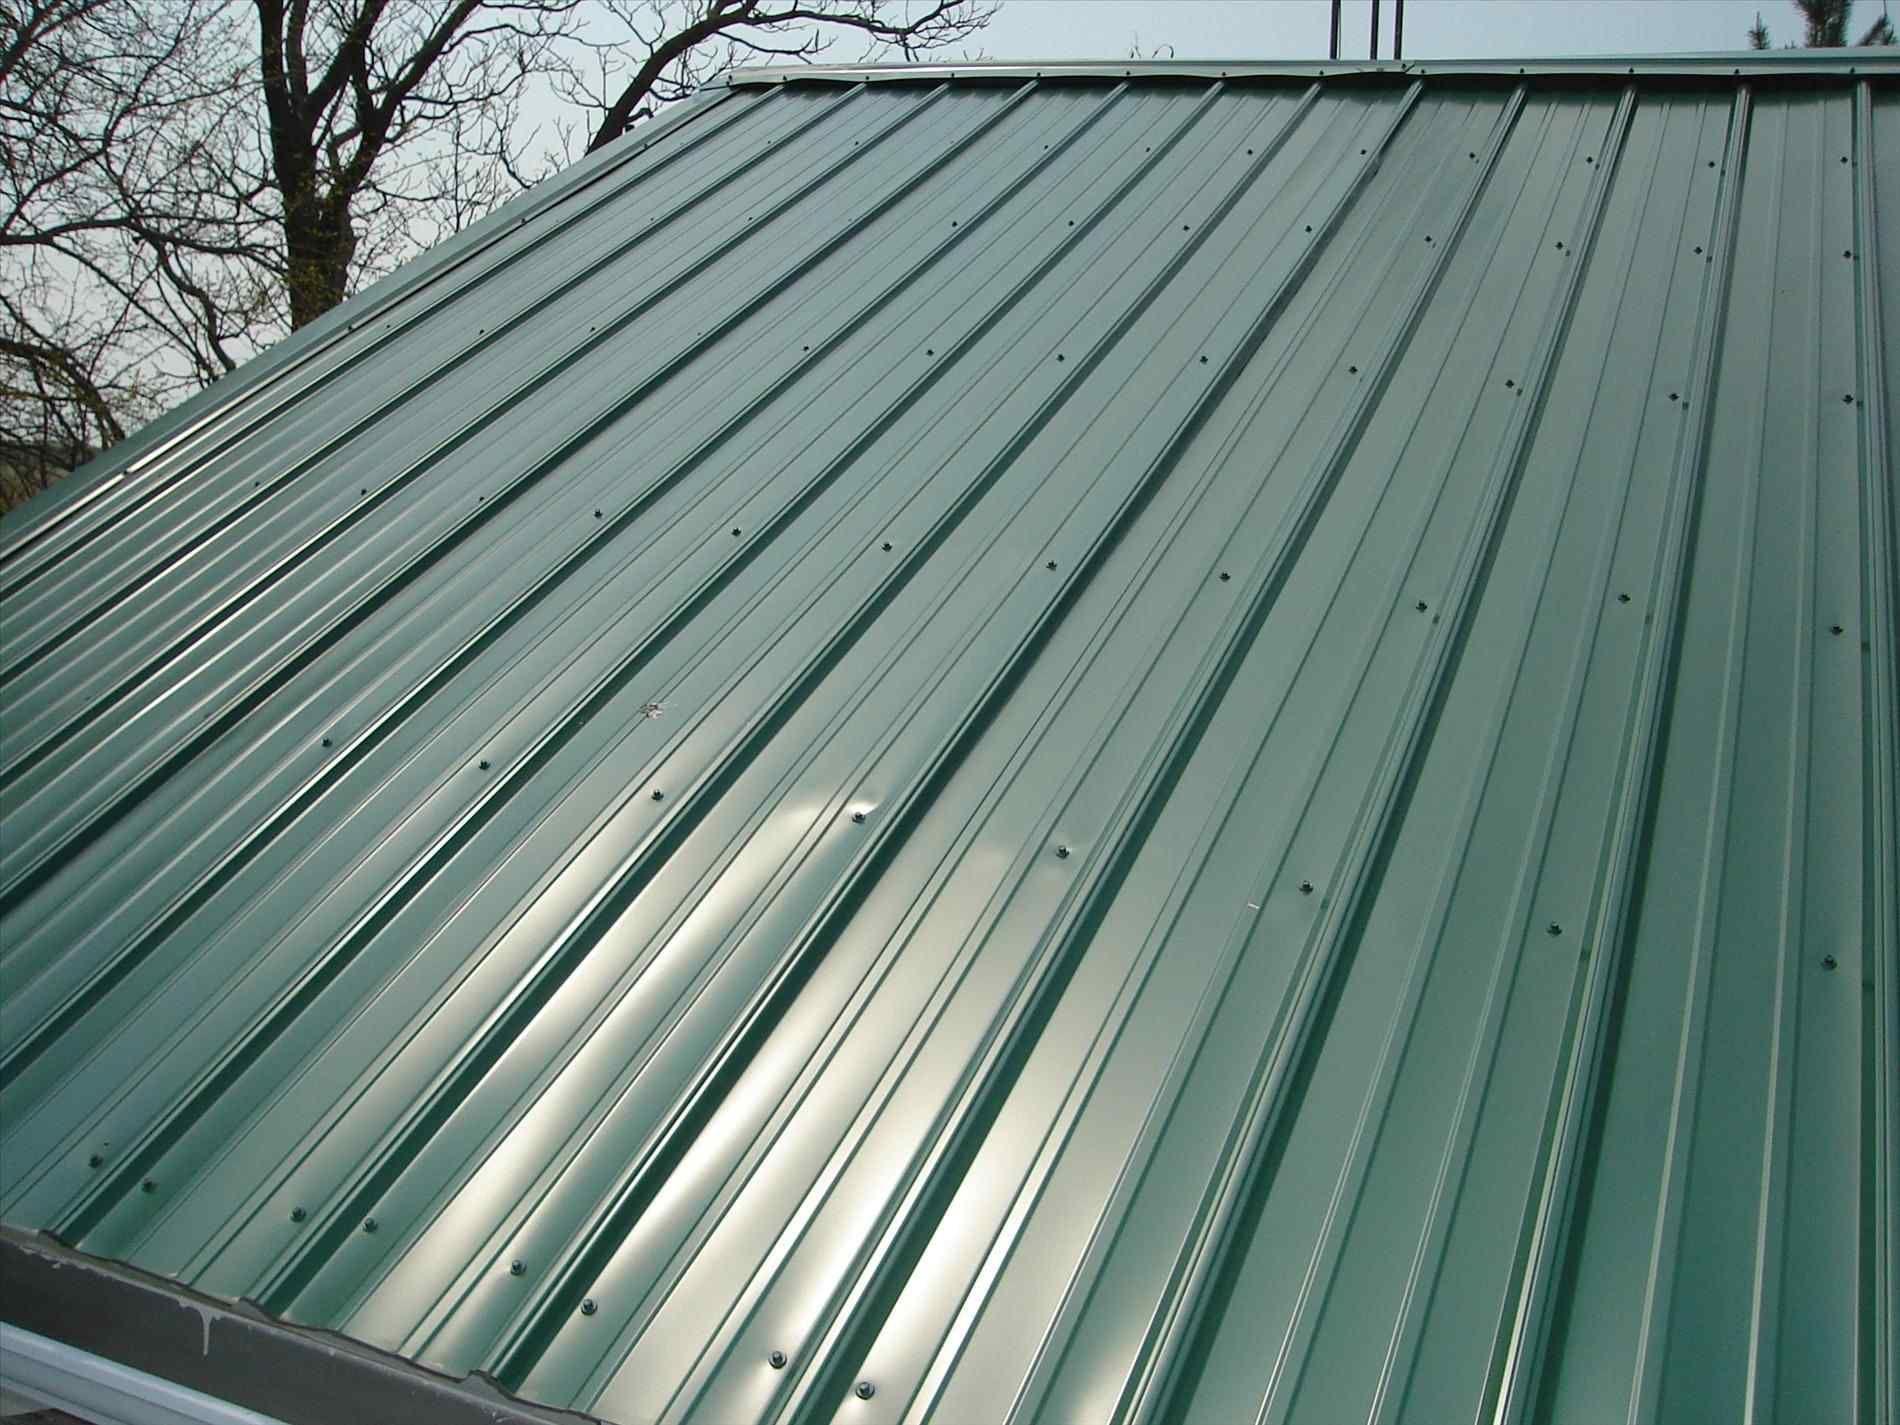 Screws For Metal Roof Sheet Metal Roofing Zinc Roof Metal Roofing Contractors